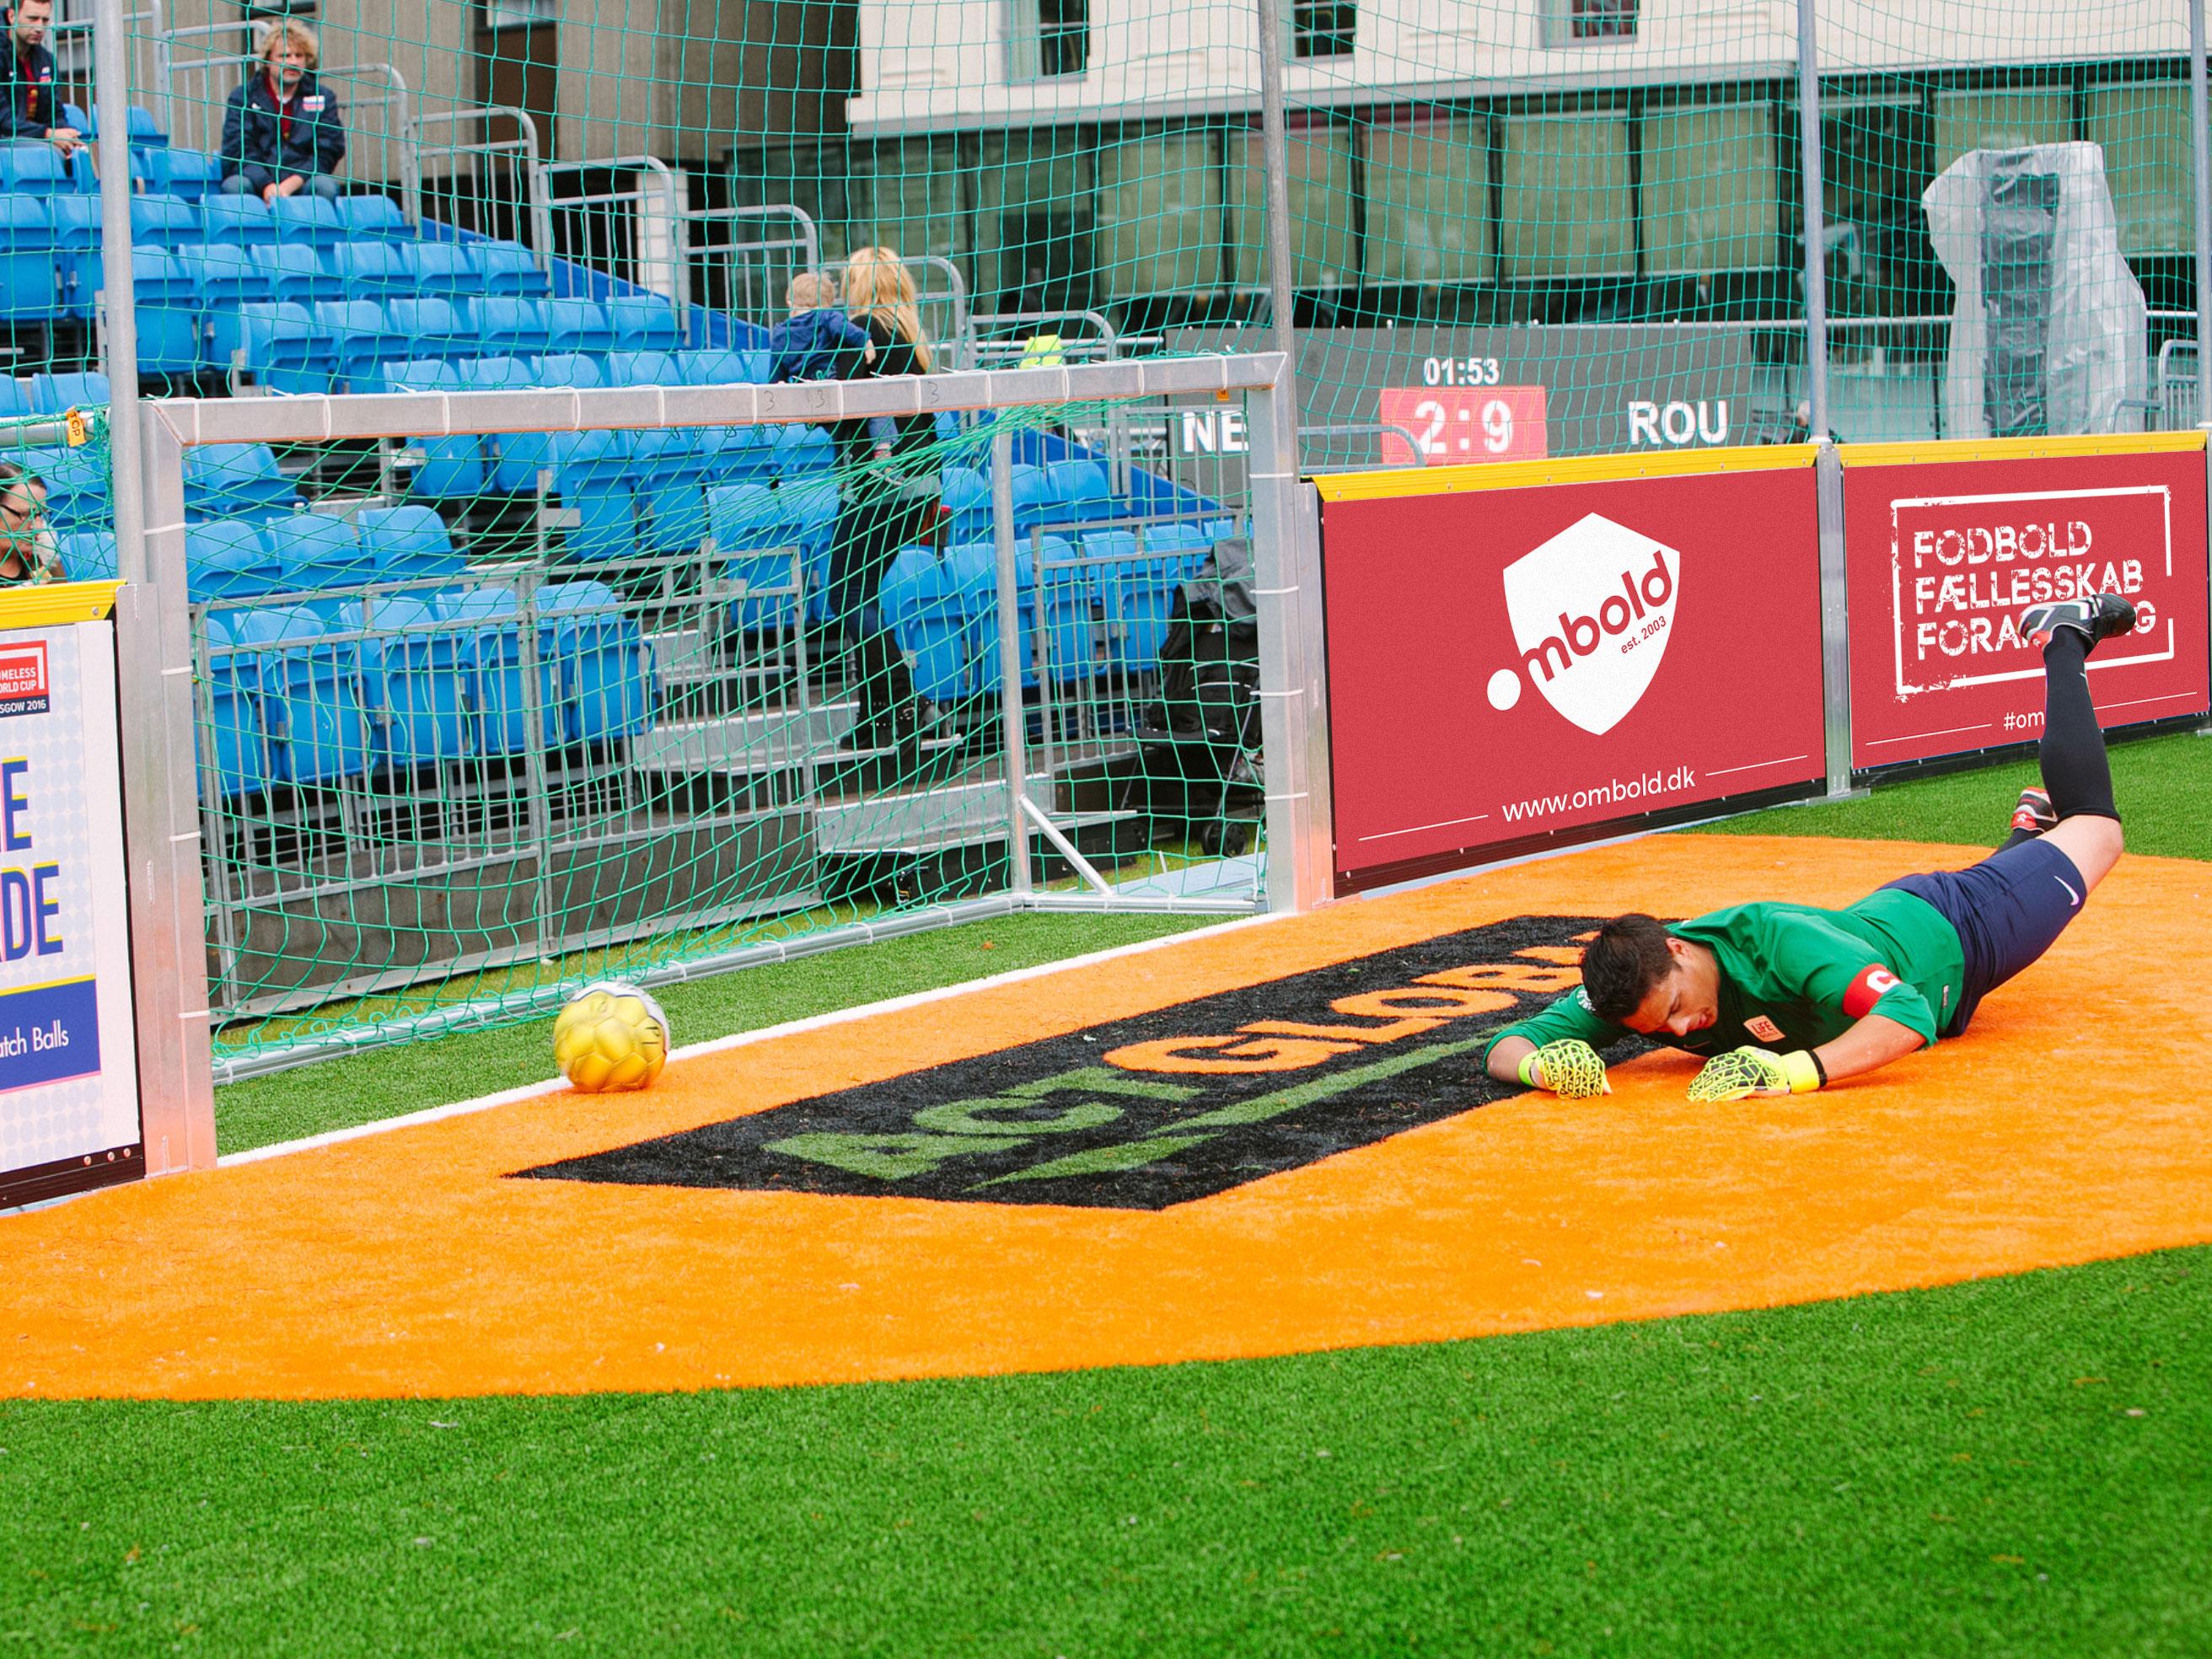 Bannerreklamer som del af visuel identitet til Ombold Gadefodbold